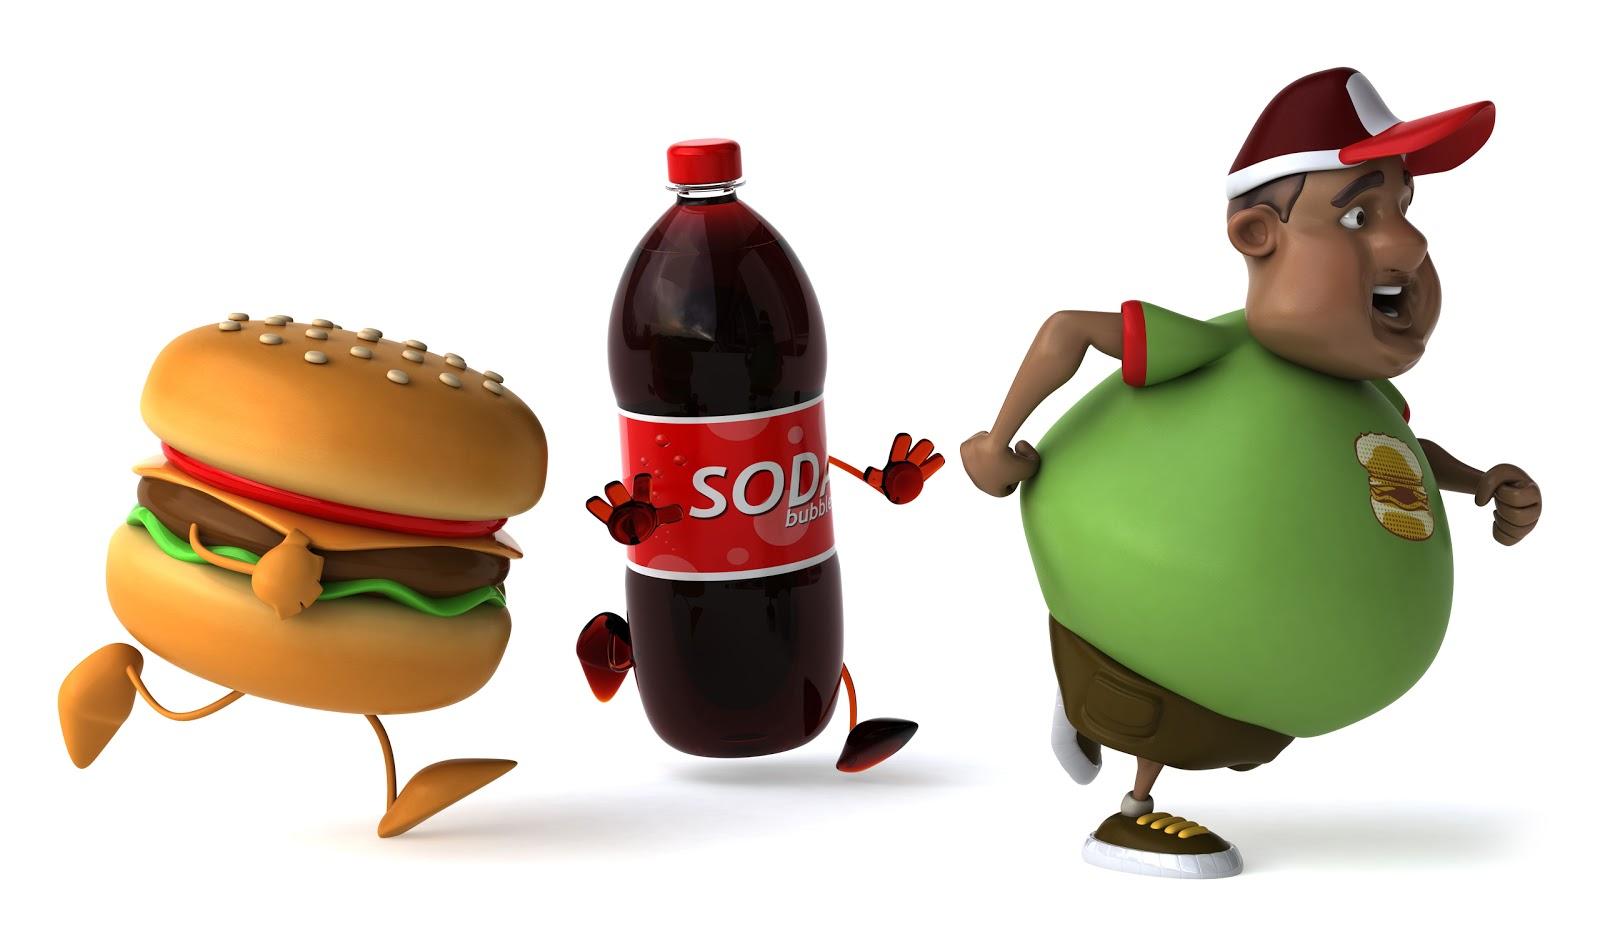 Esta postura, perder peso y masa corporal vez